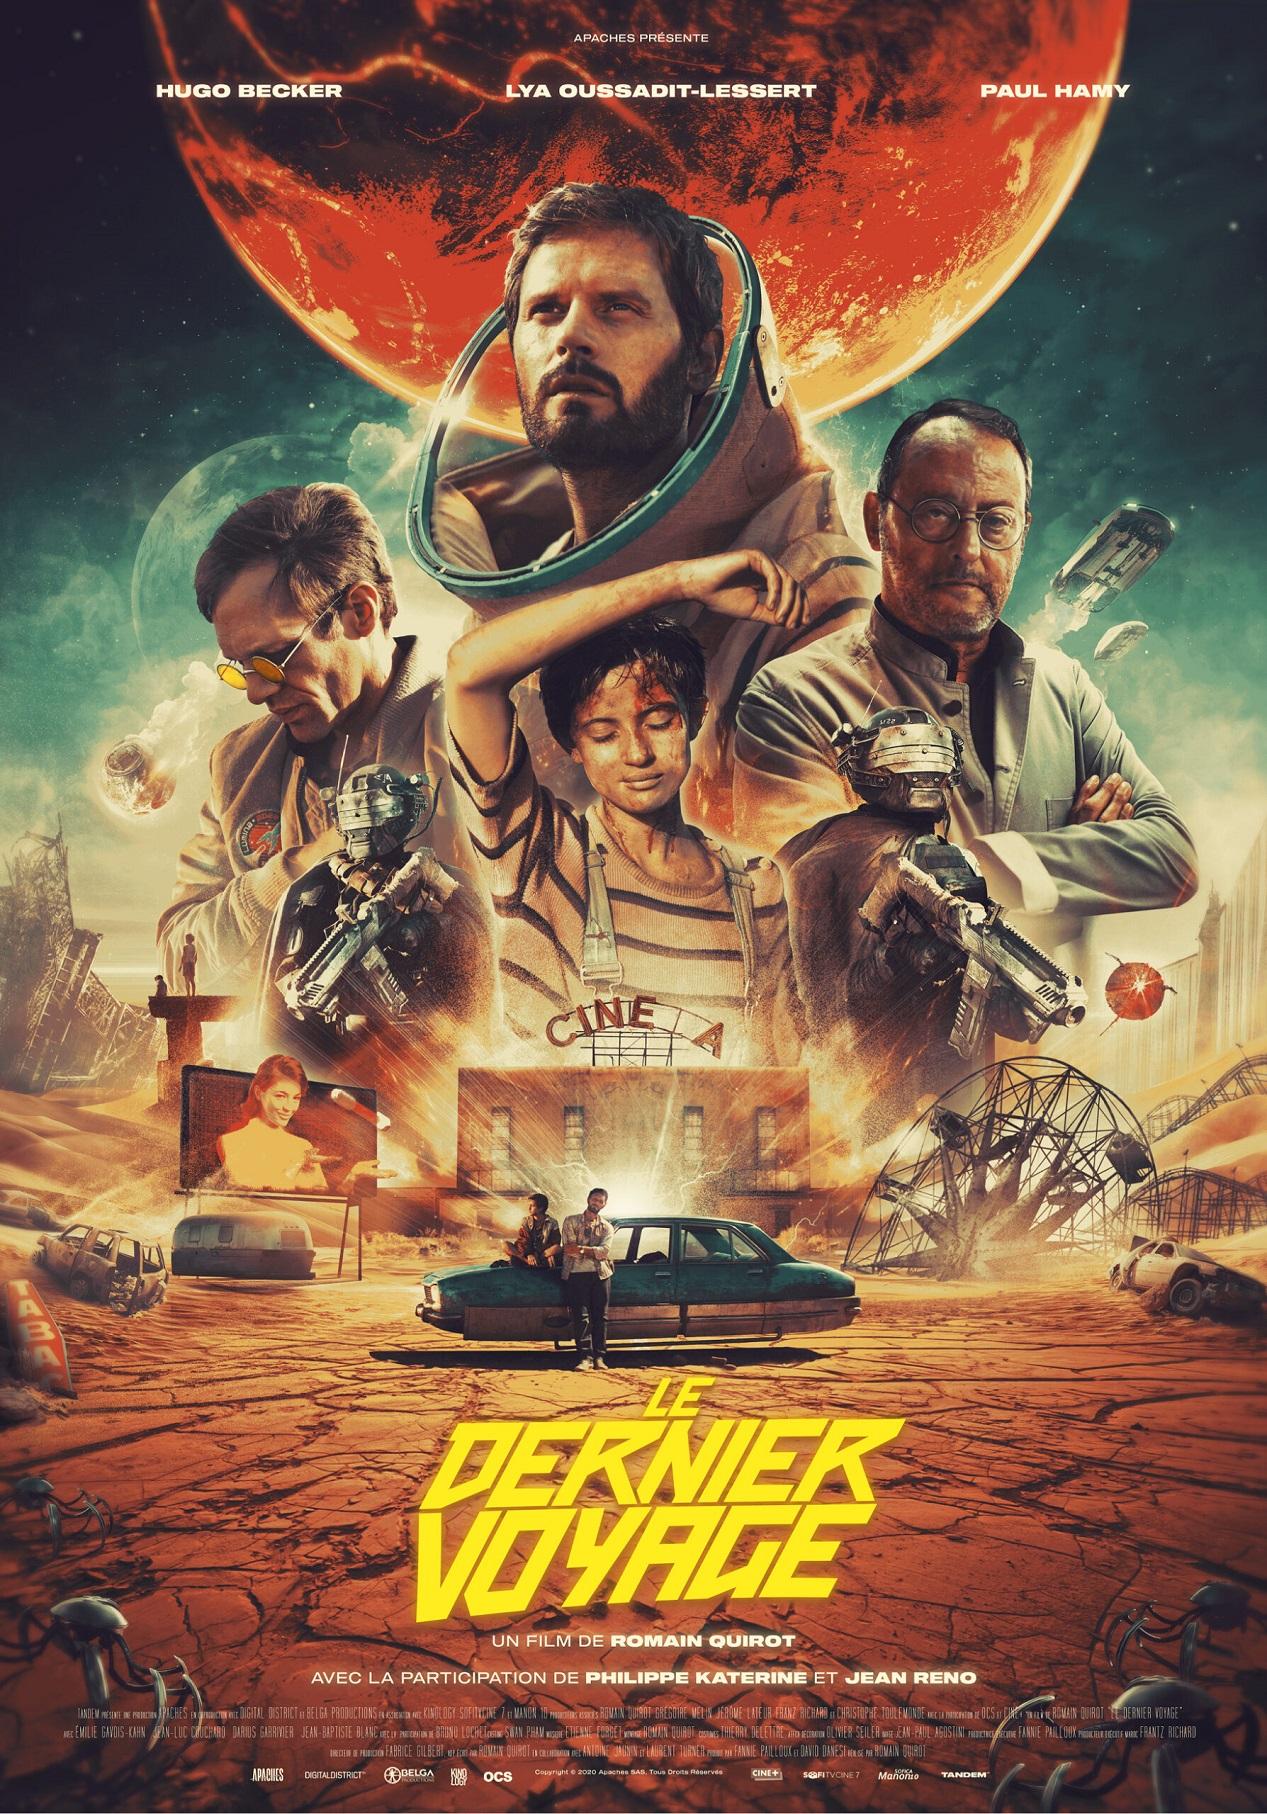 Affiche du film Le dernier voyage avec Jean Reno